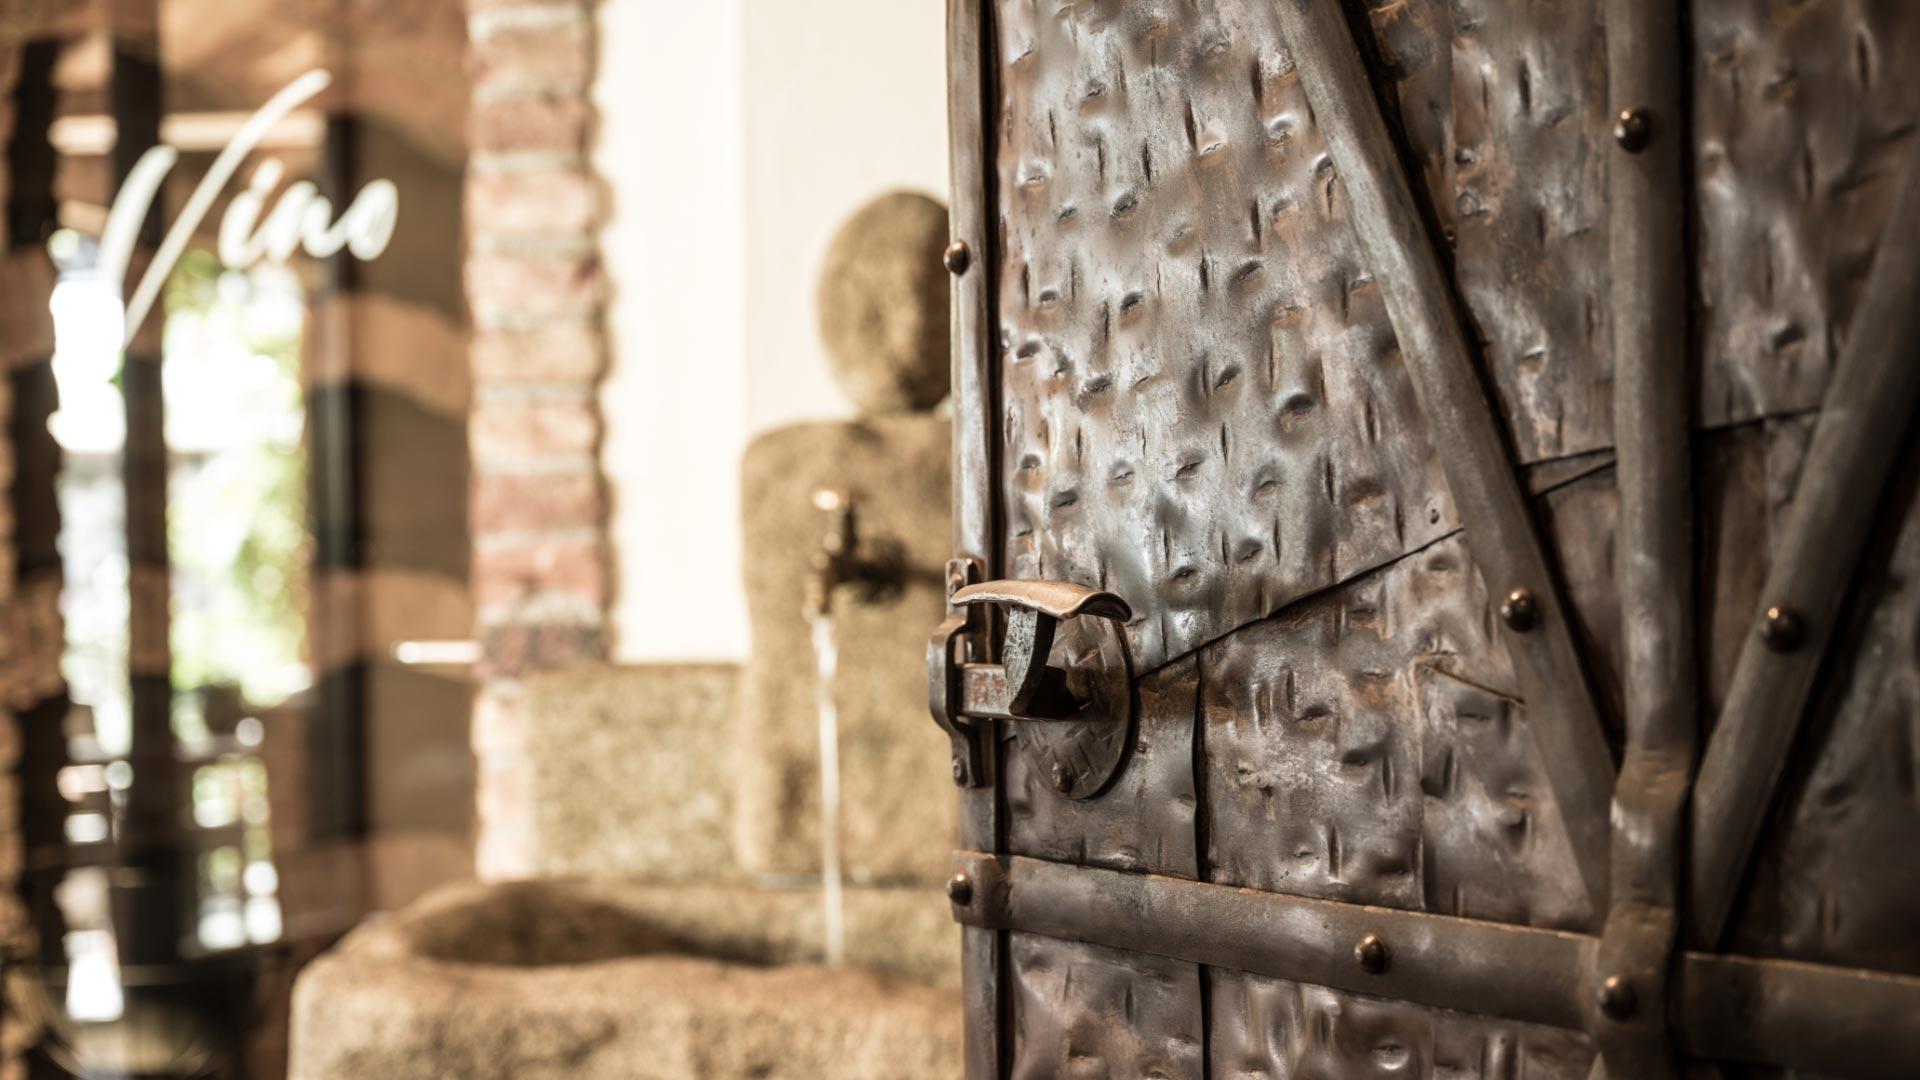 Historische Metalltür halboffen mit einem Wasserhahn im Hintergrund.